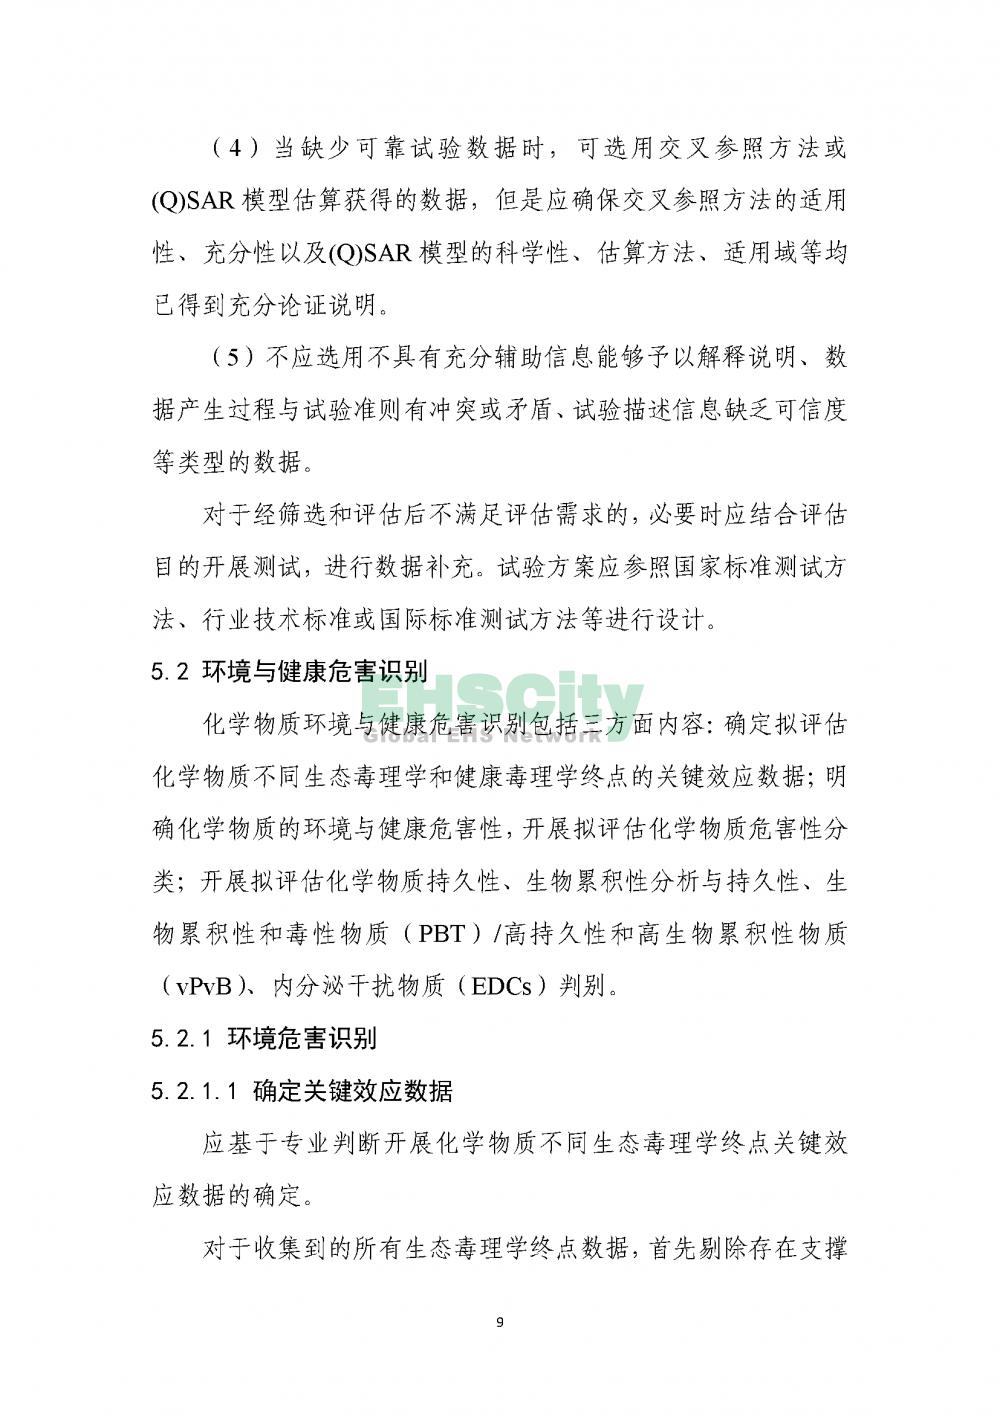 1化学物质环境与健康危害评估技术导则_页面_11